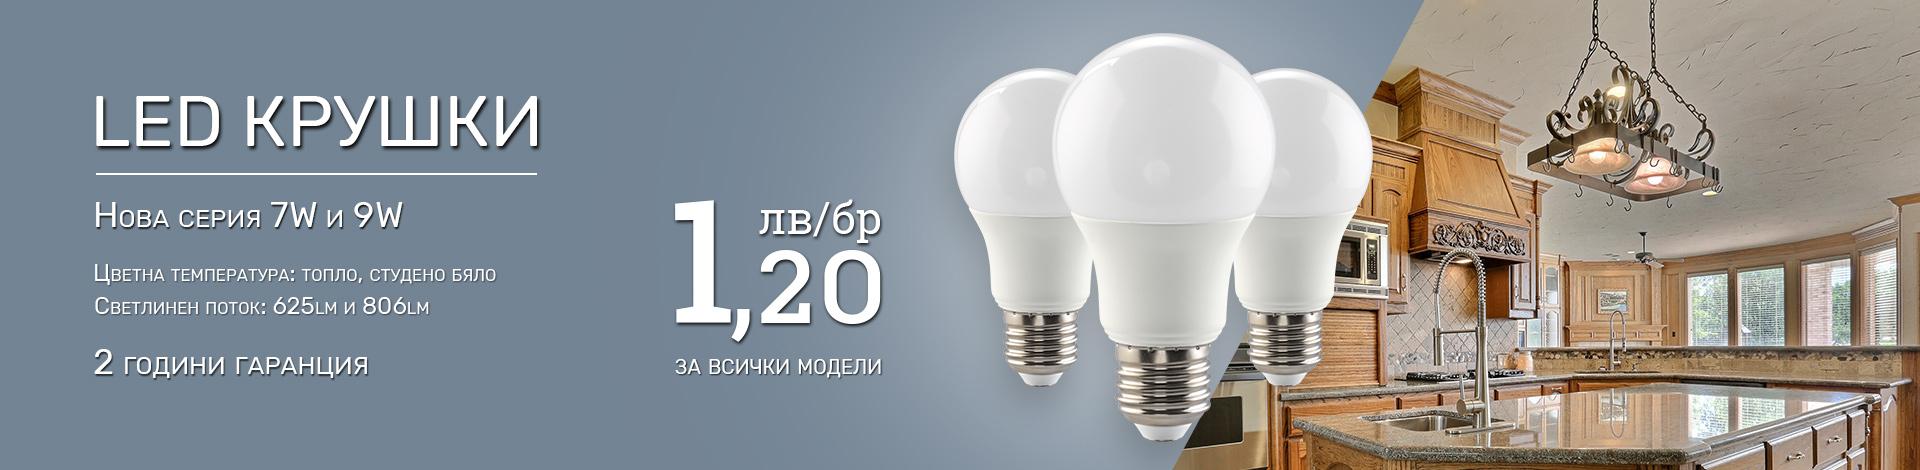 LED крушки E27, 220V, с мощност 7W и 9W